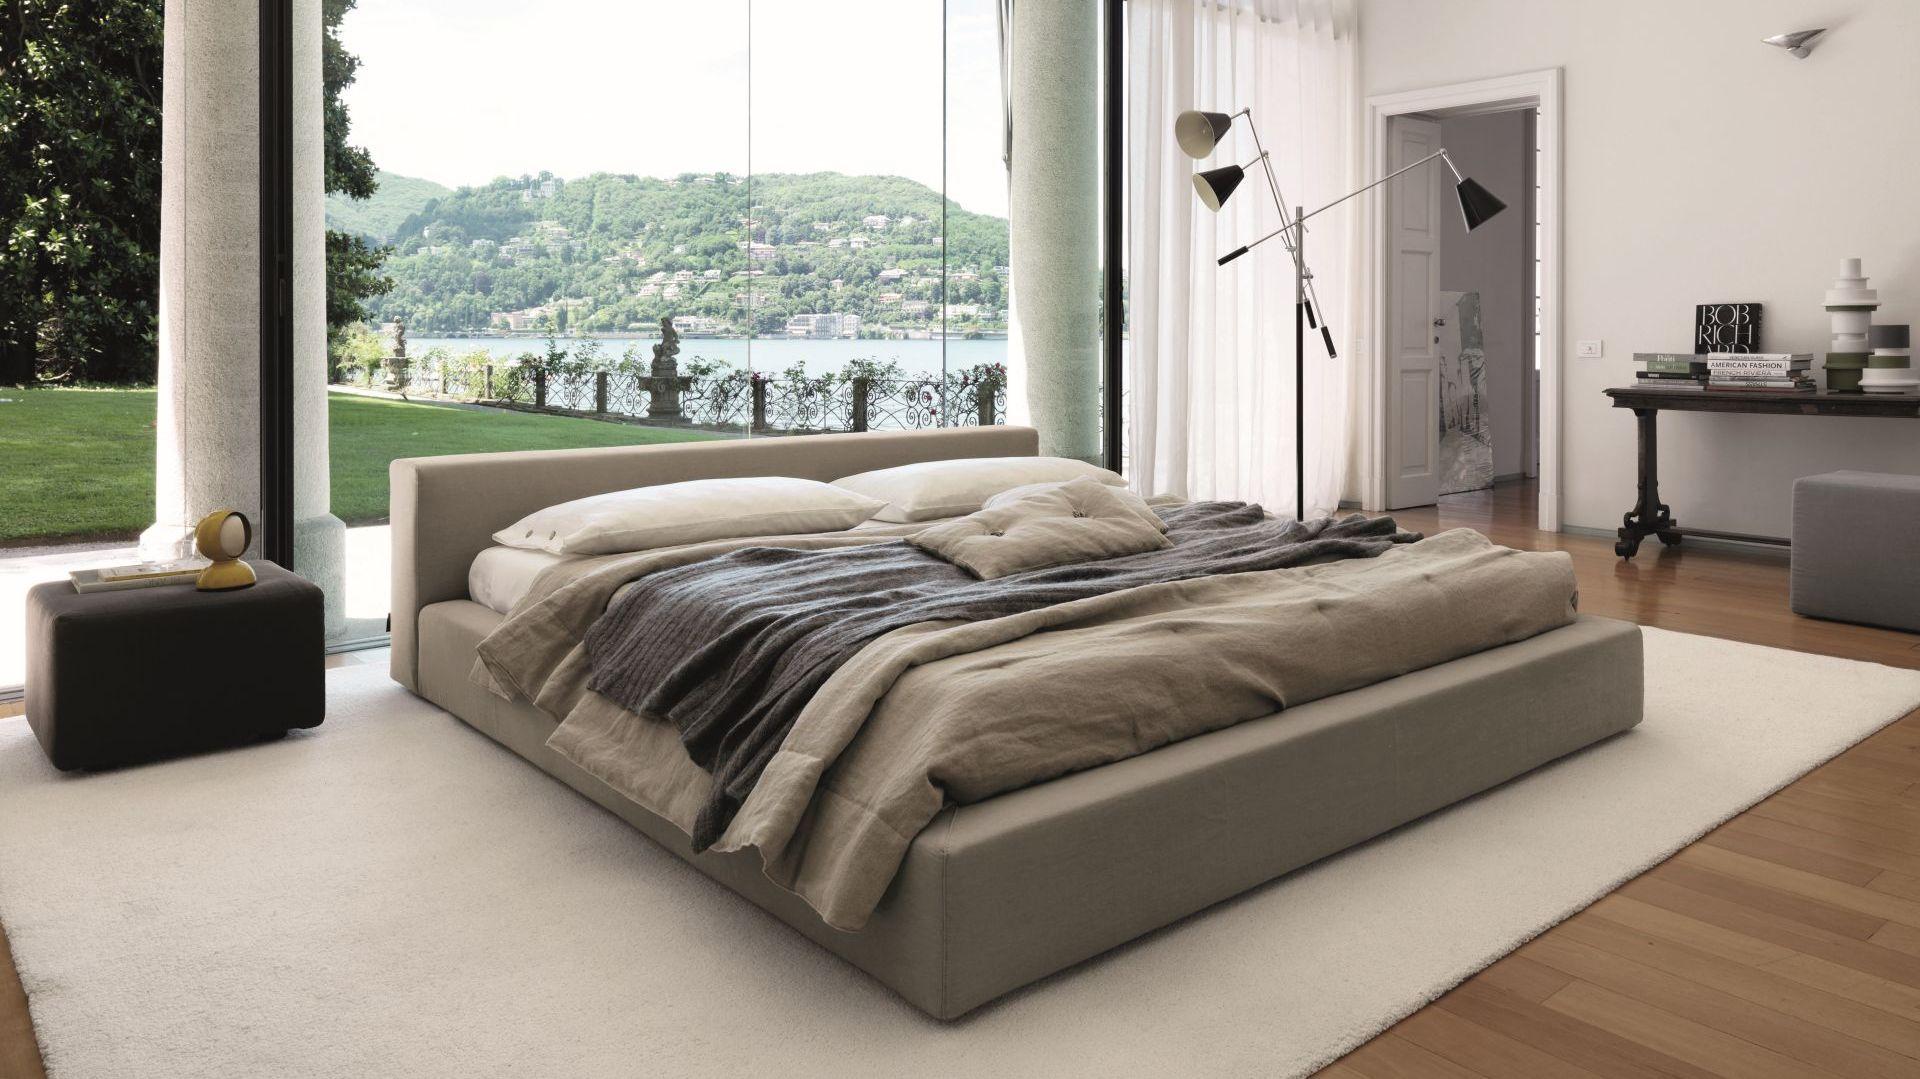 Niskie łóżka nie przytłaczają pomieszczenia, jednak mogą być niewygodne dla osób, które cierpią na ból stawów. Im niże łóżko, tym ciężej z niego wstać. Warto wybrać taki model, aby każdemu z małżonków spało się na nim doskonale. Fot. Desire Italia